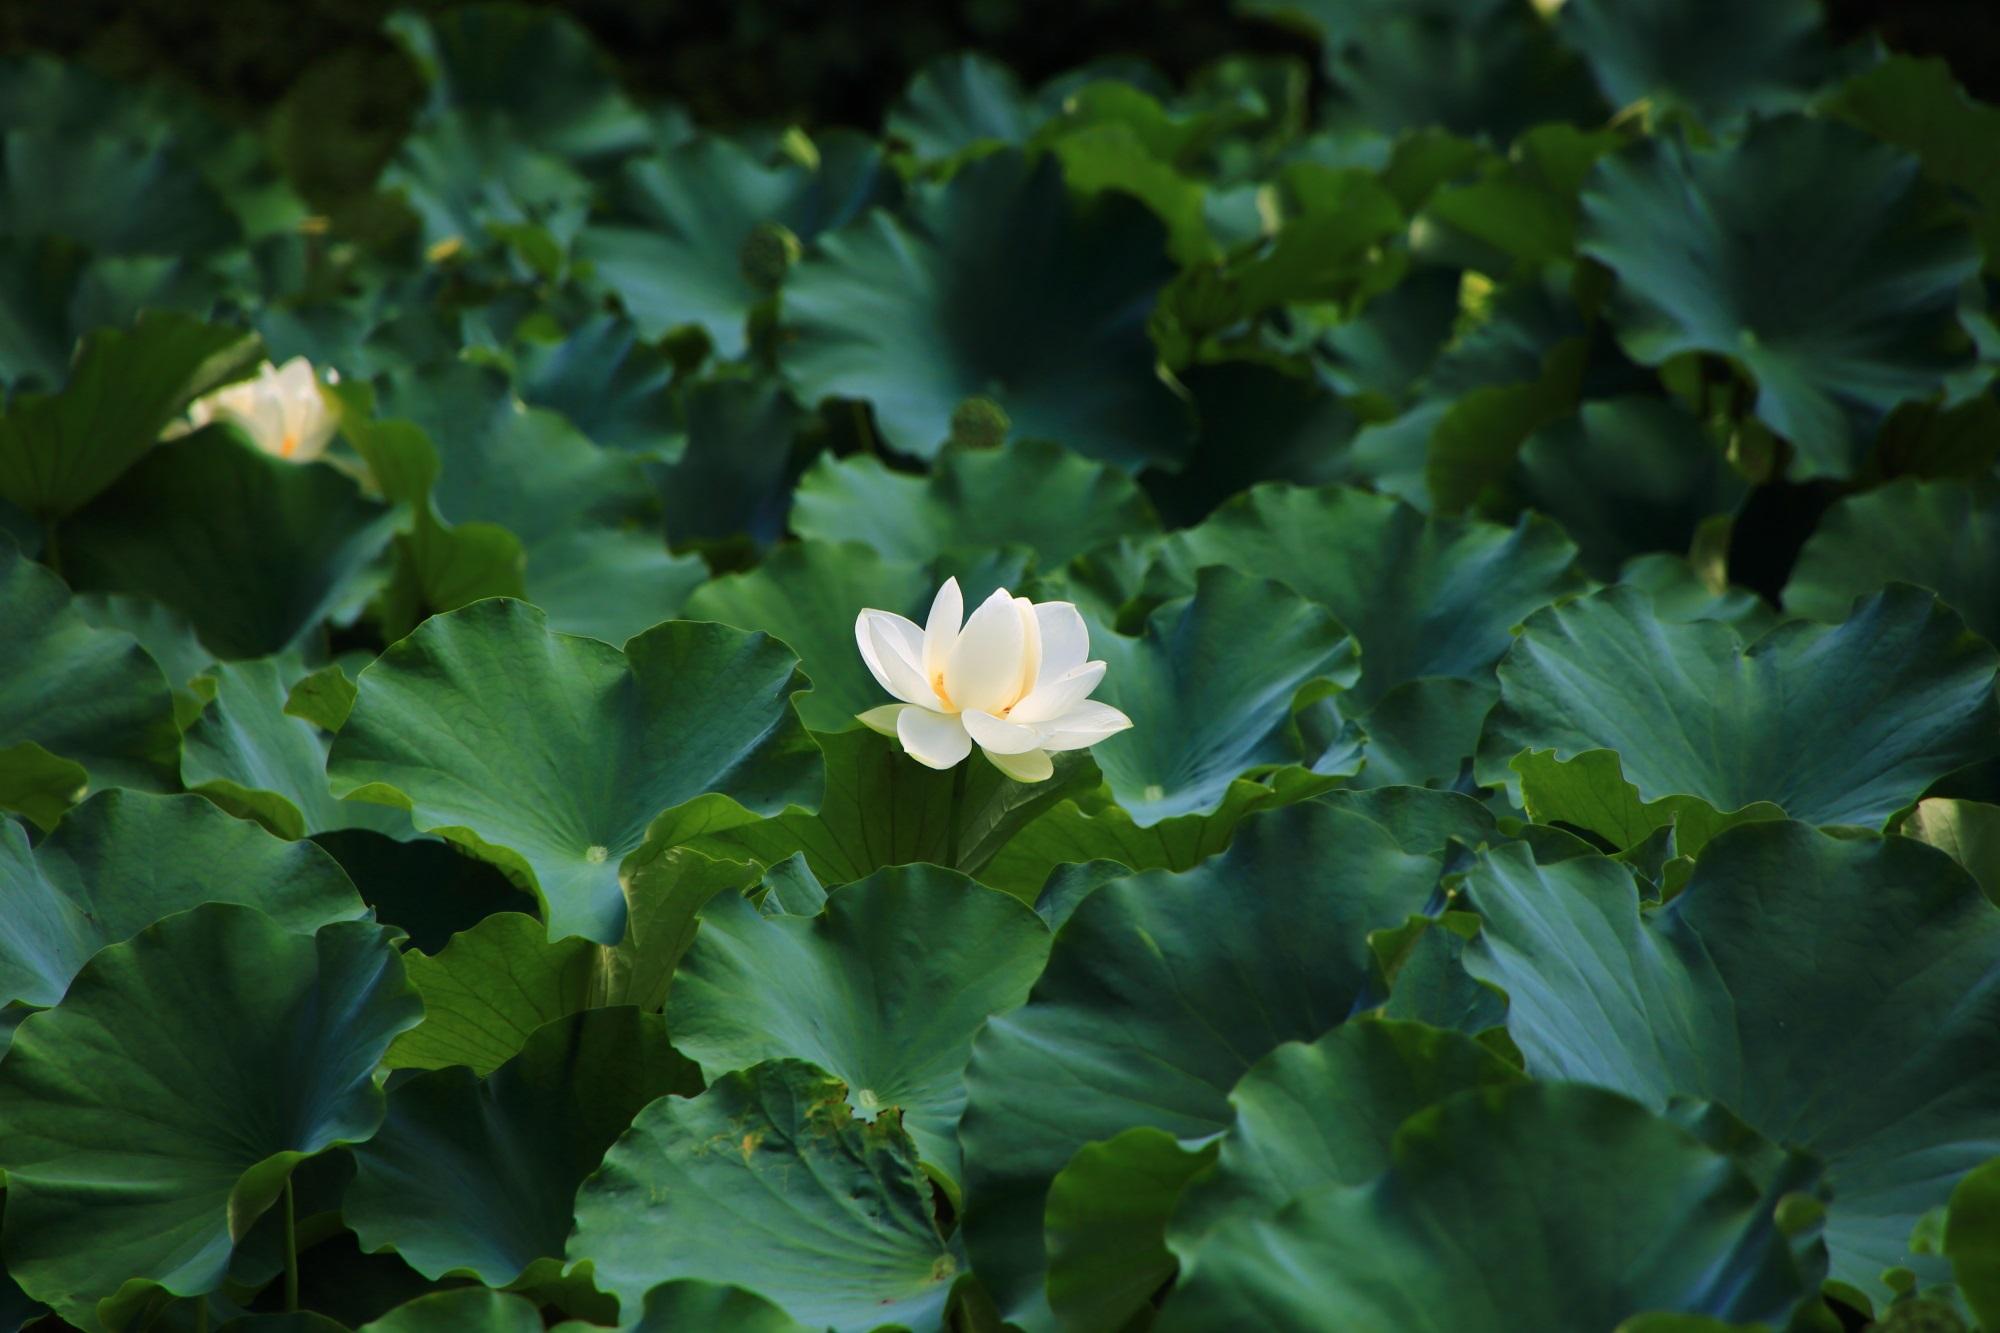 深い緑の中で浮かび上がるような淡く白い蓮の花